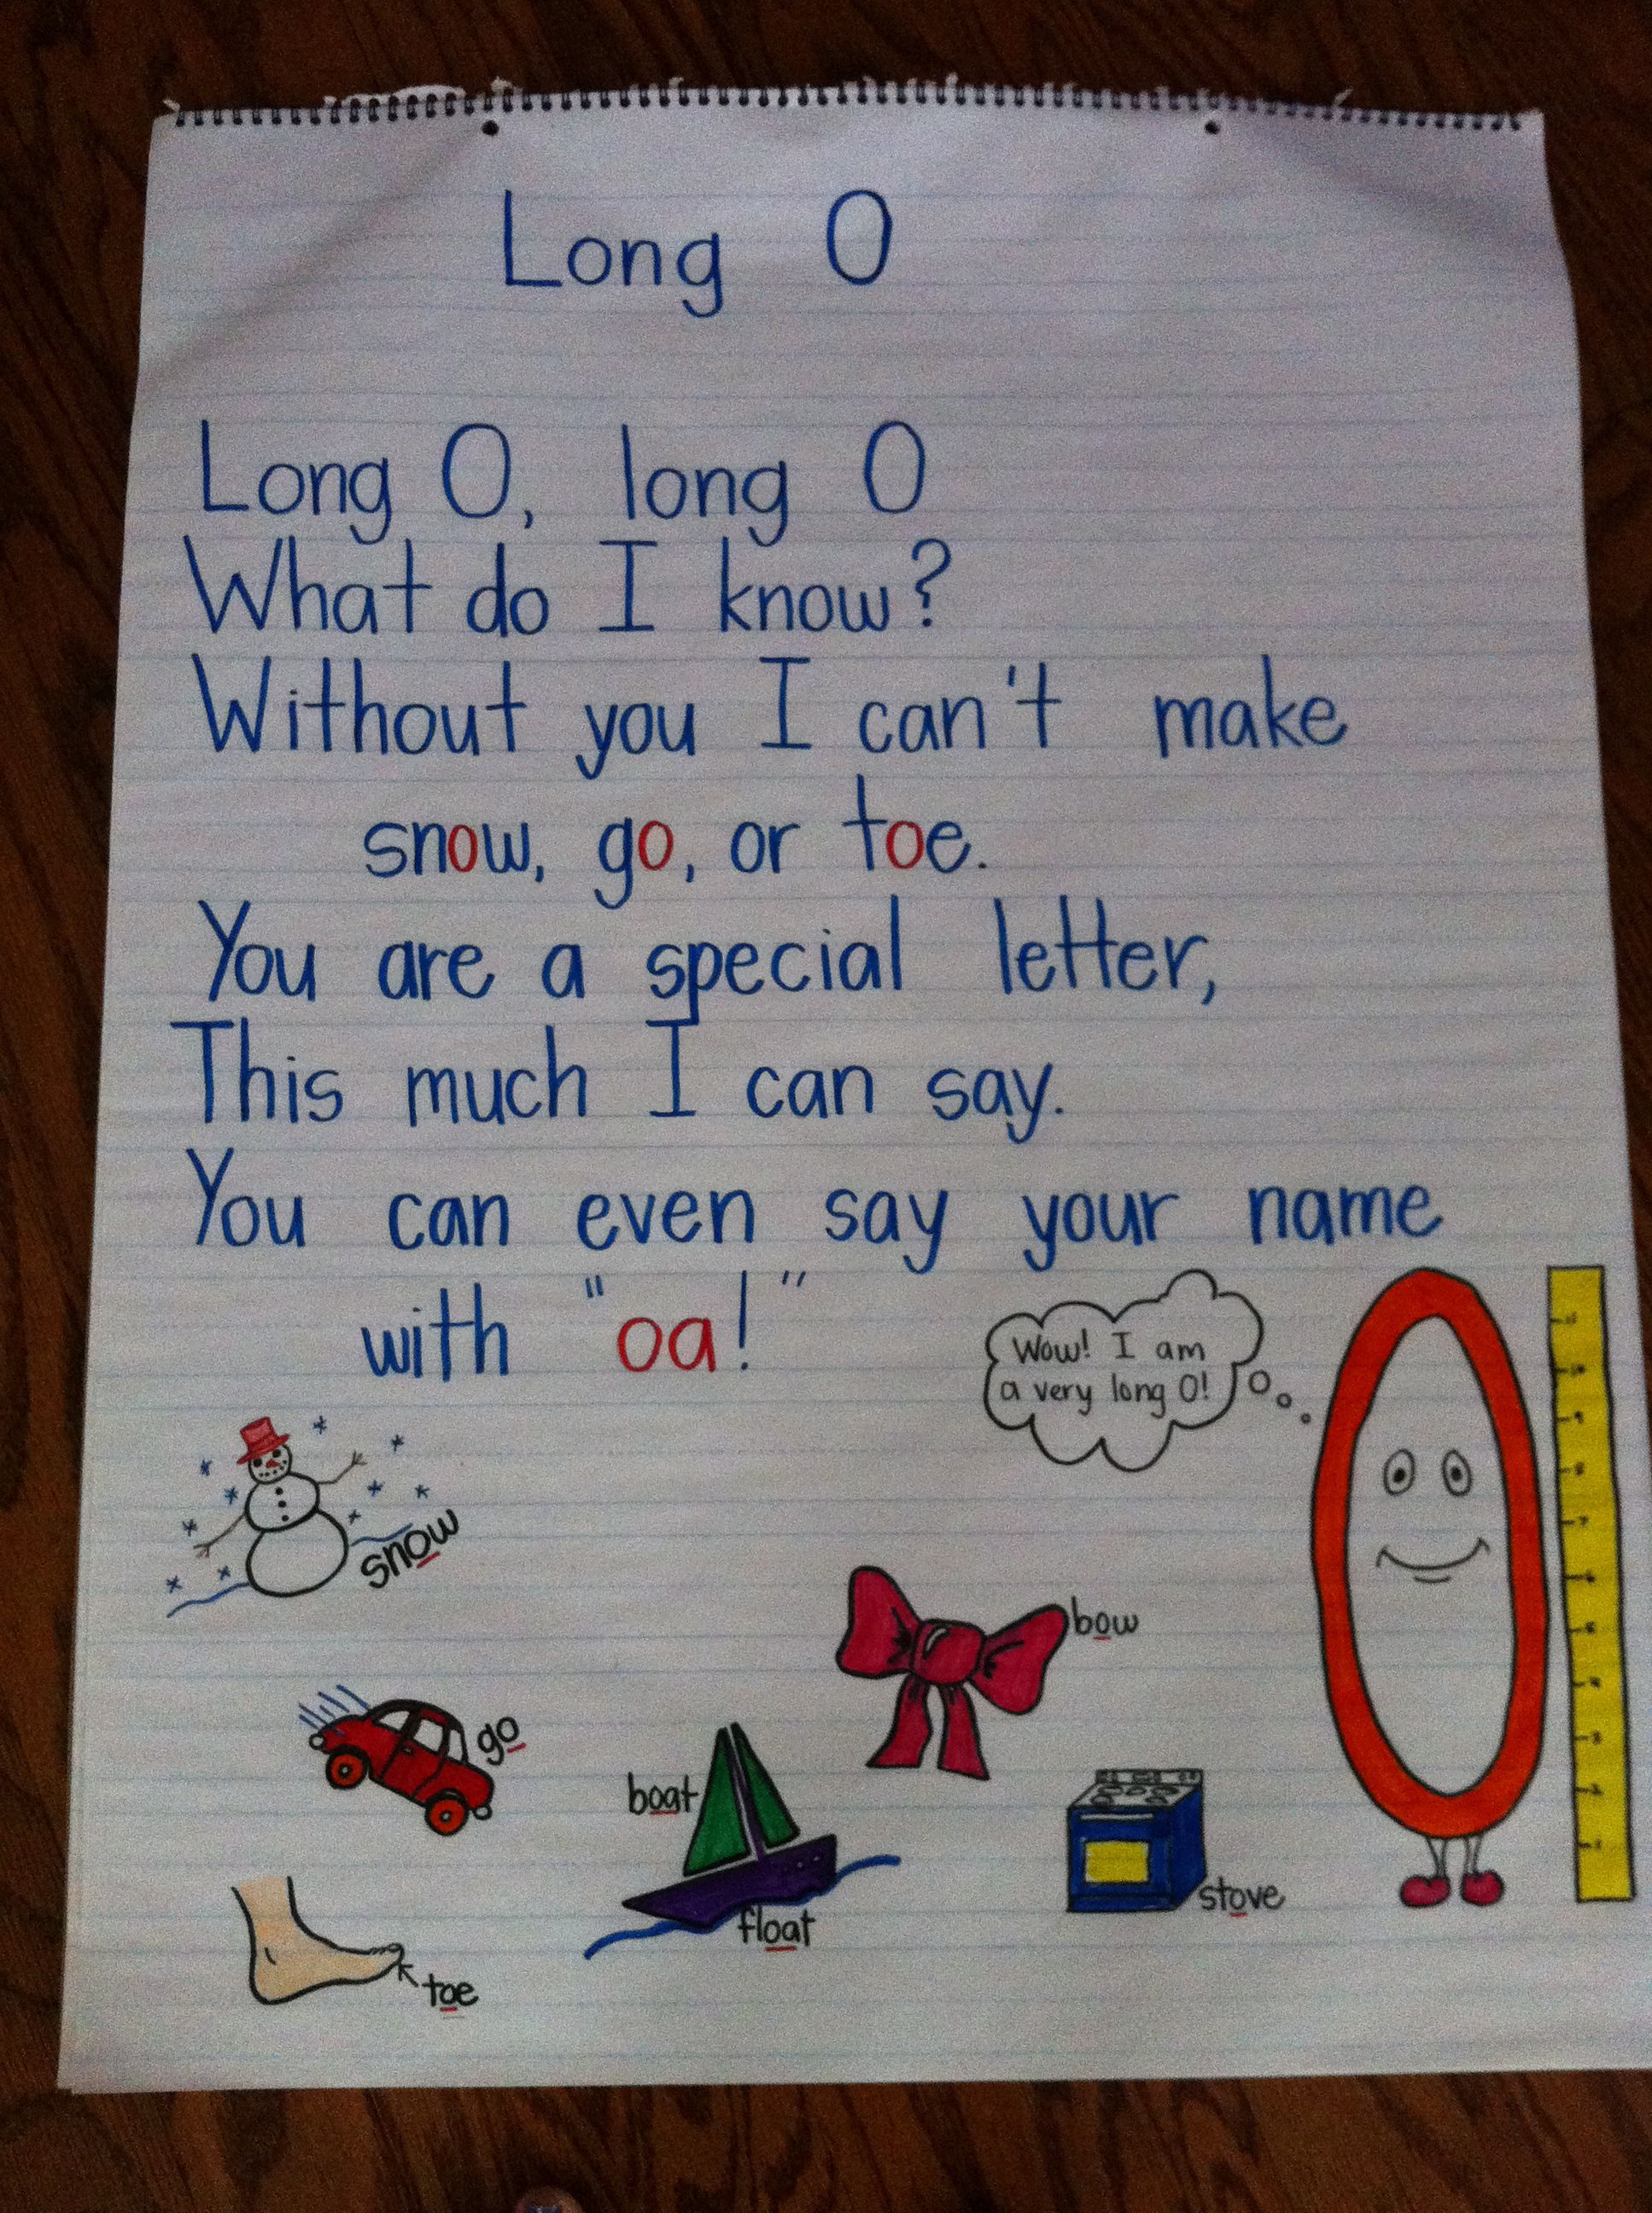 long O poem May have my kids